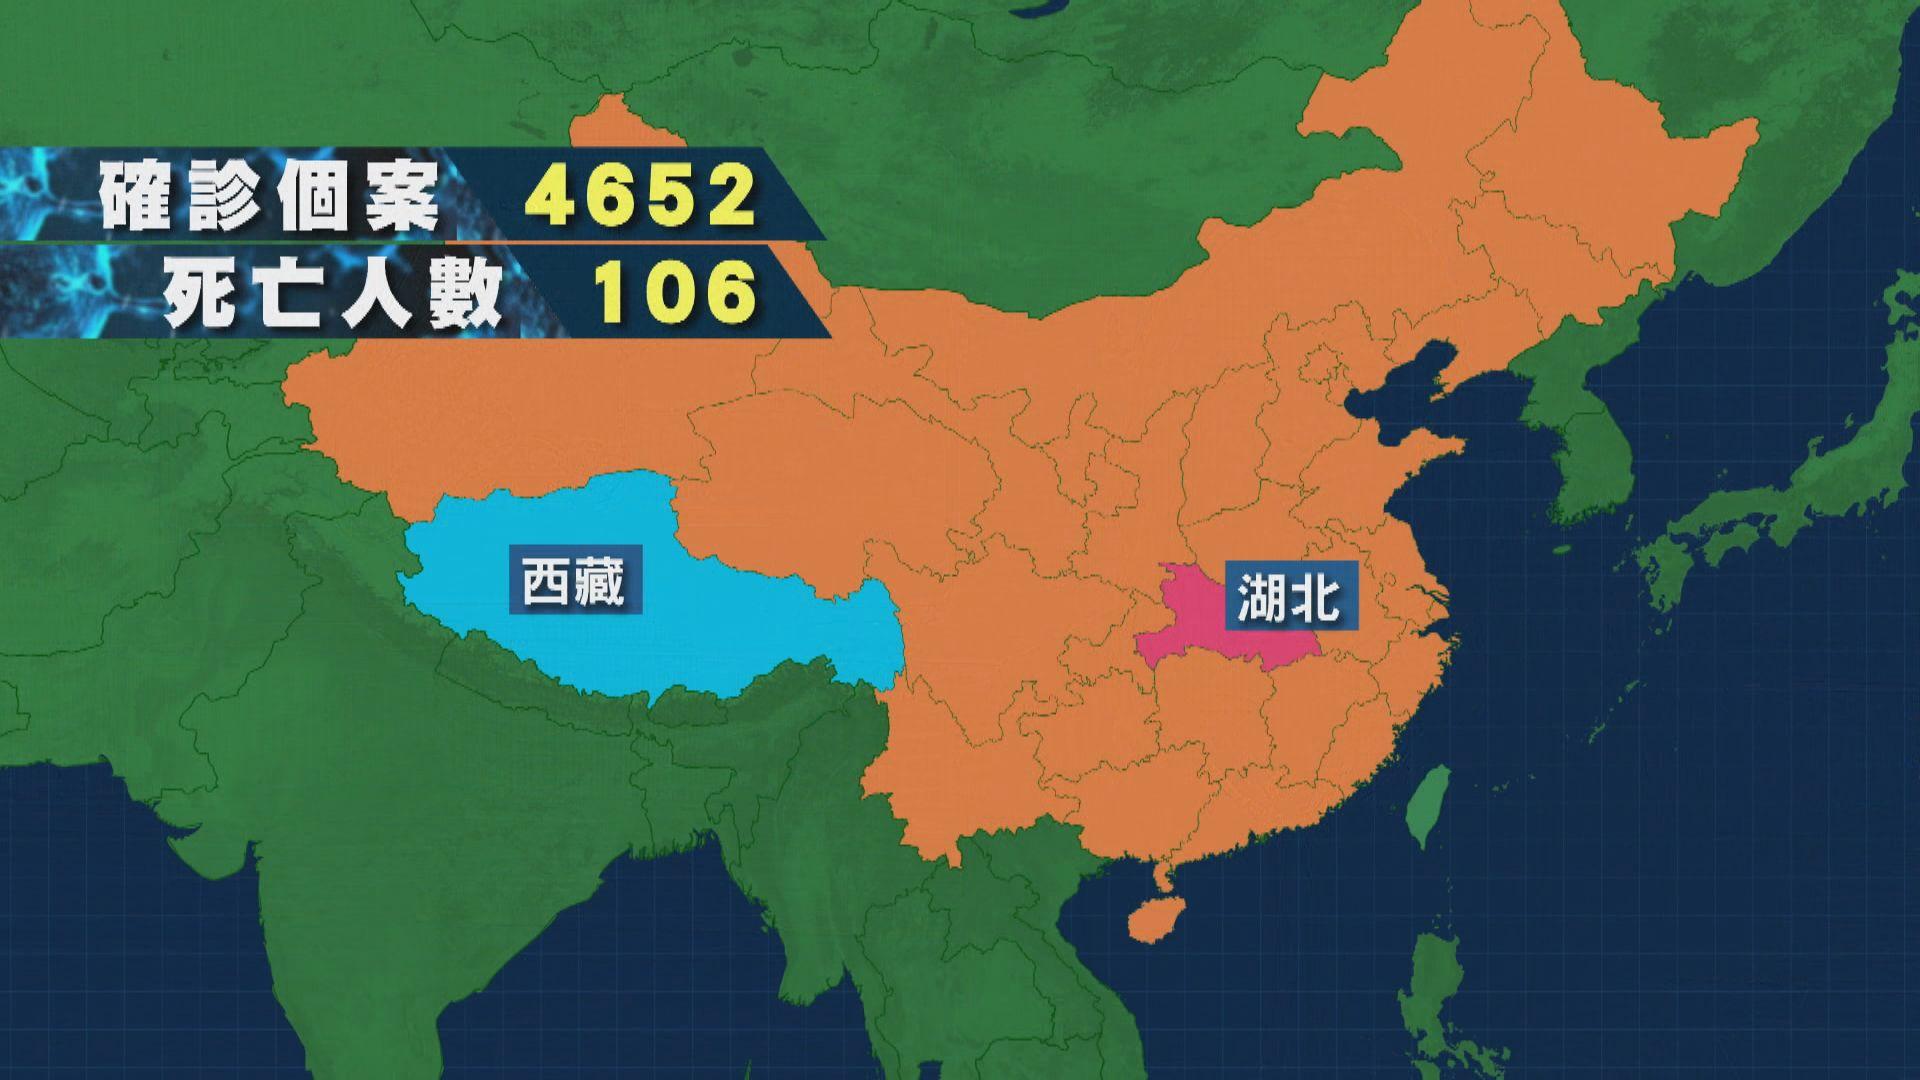 【新型肺炎】內地確診病例超過4600宗